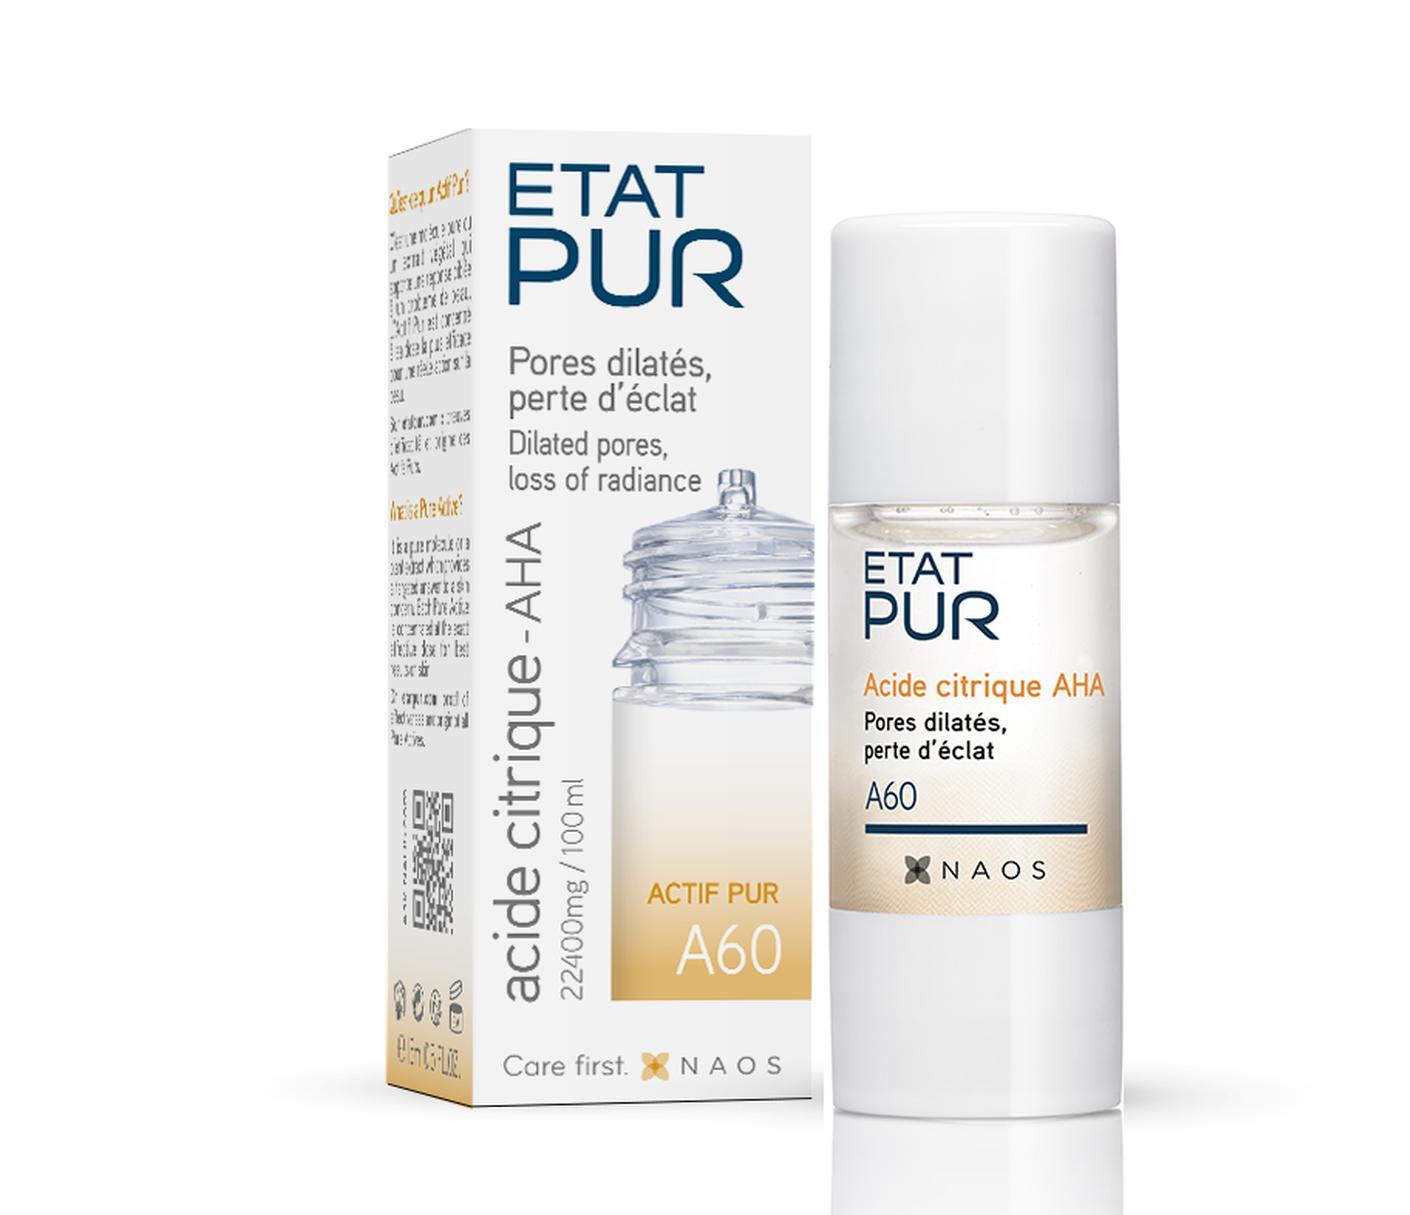 Pure Active Citric Acid - Aha 15 ML 3001132972